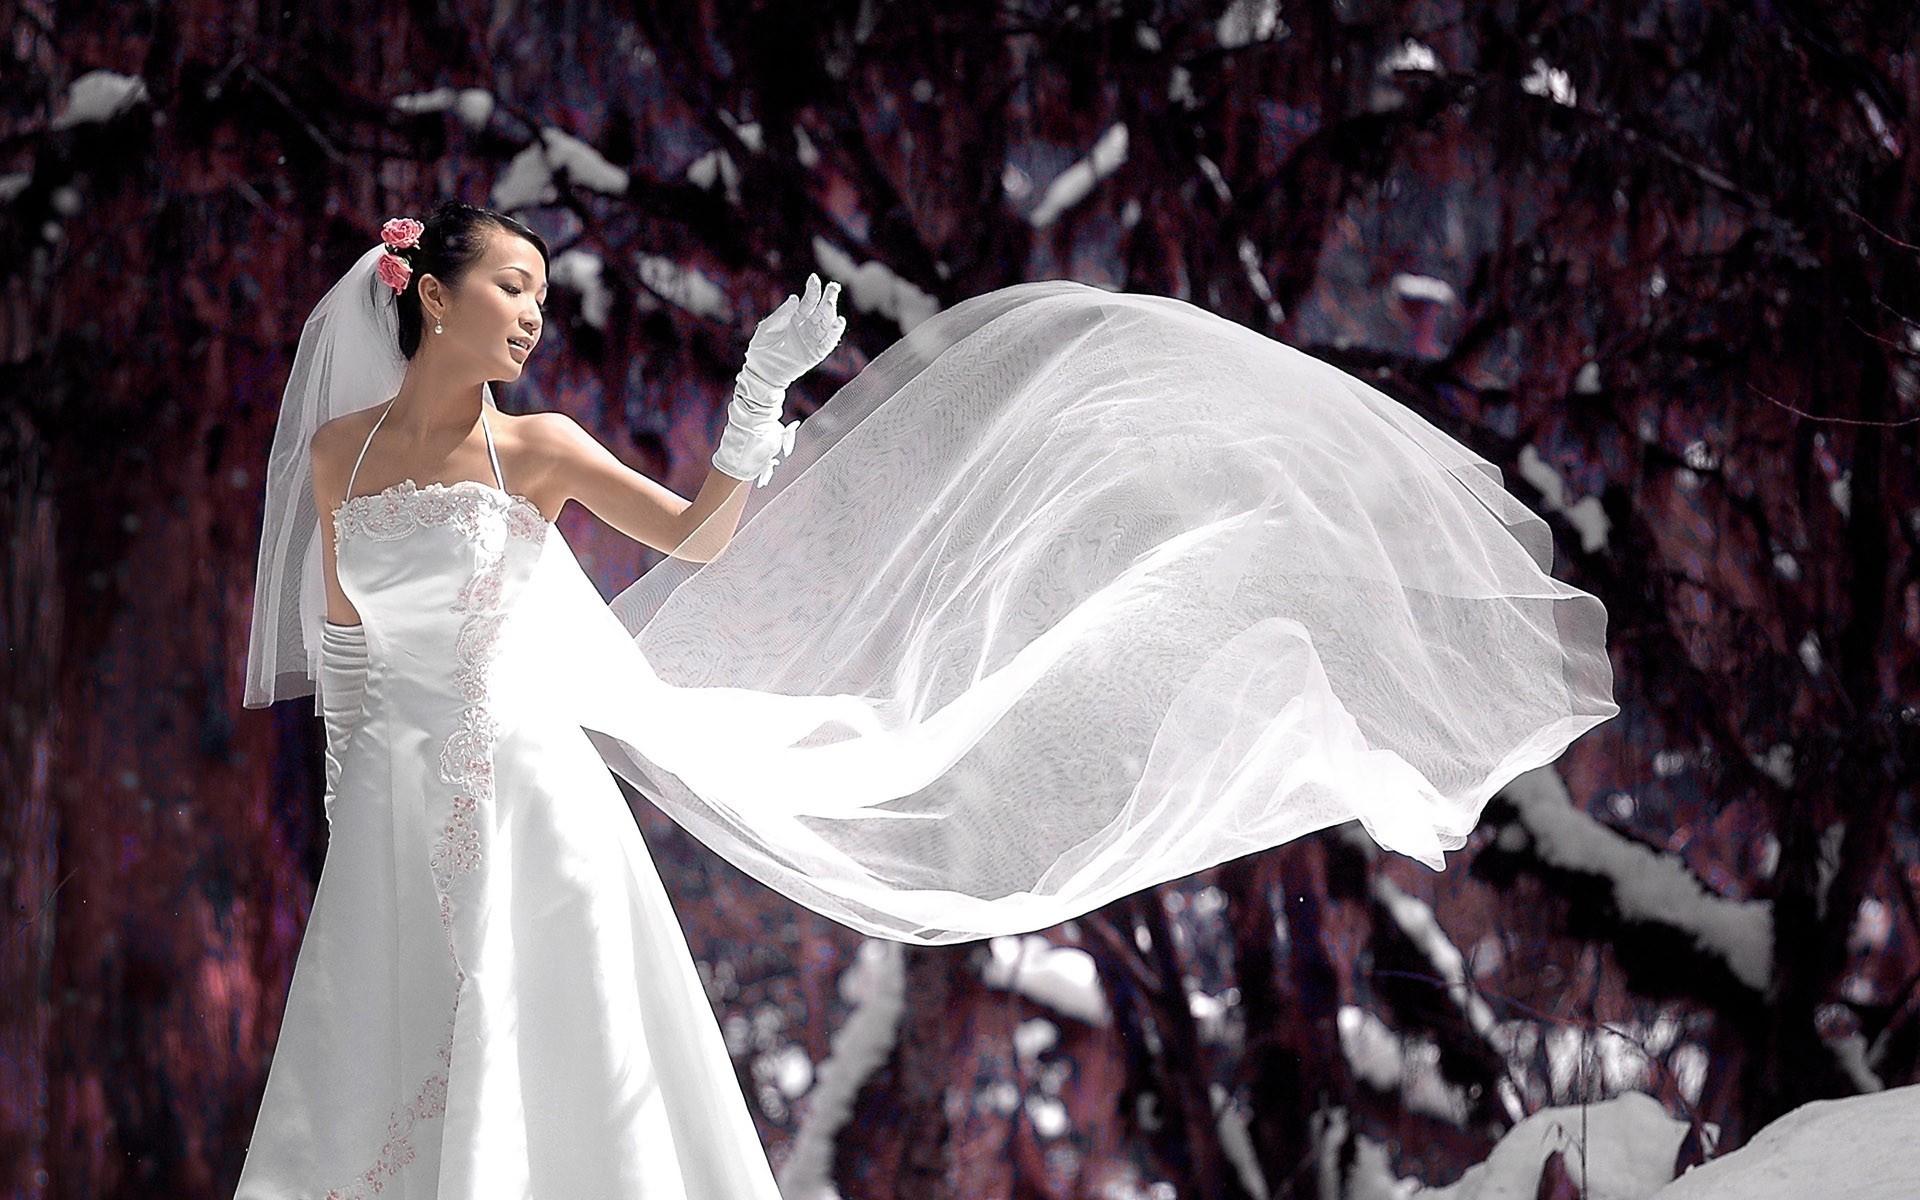 картинки на аву невеста в белом платье особенного размаха